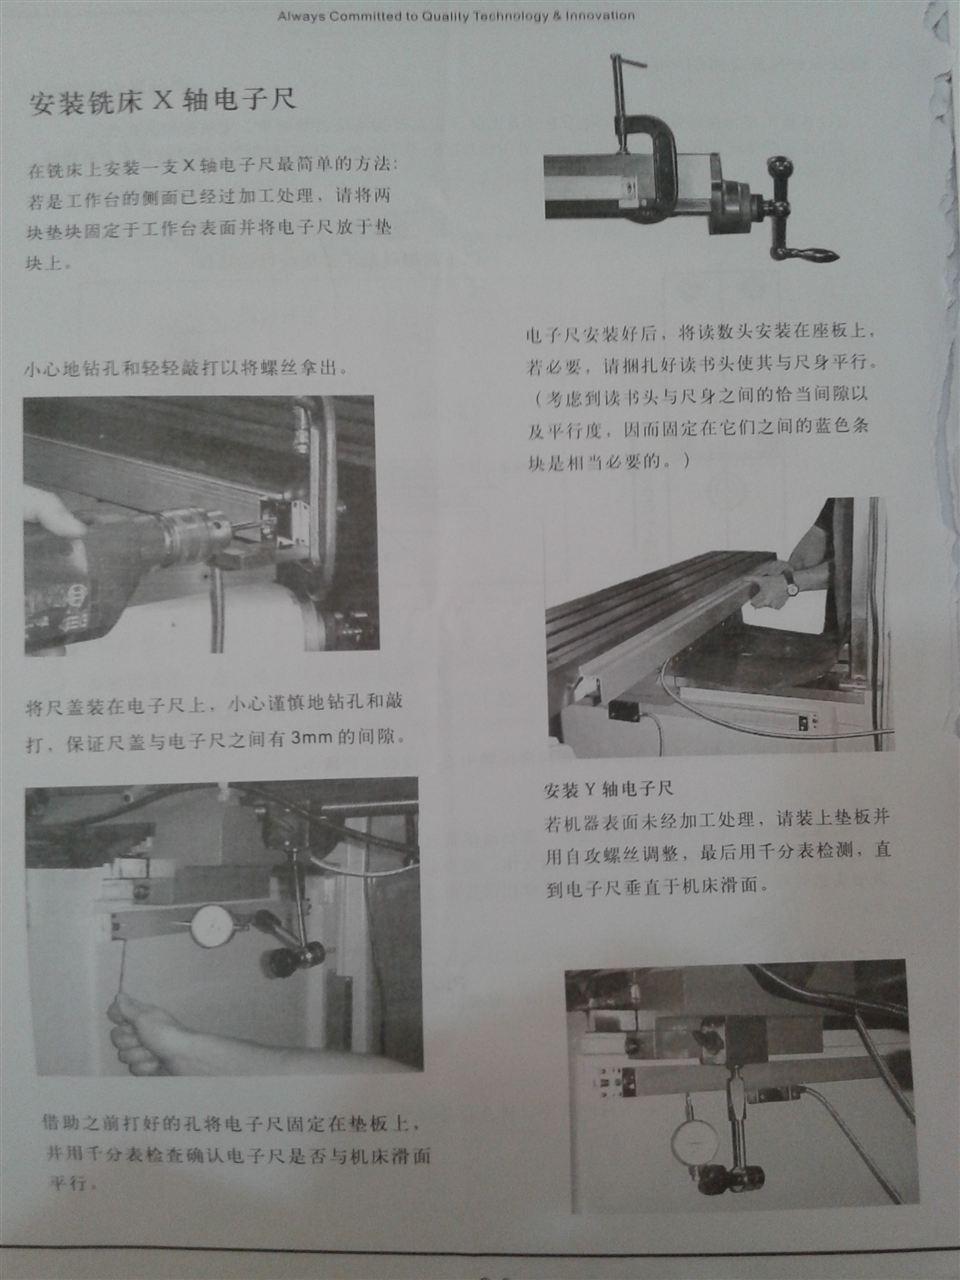 铣床光栅尺安装方法